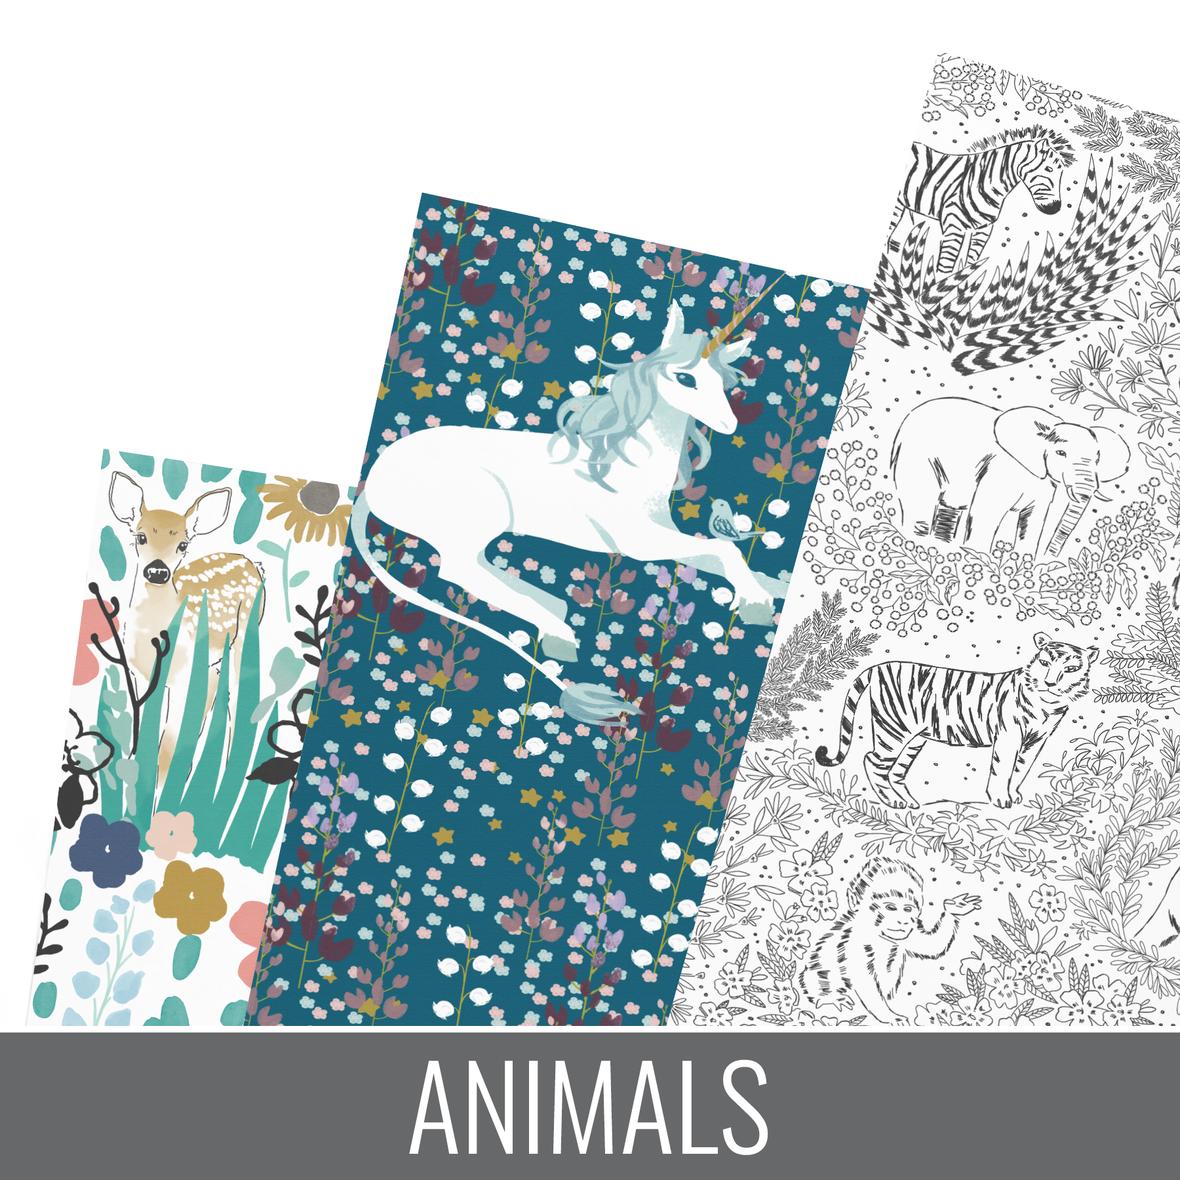 Animals final